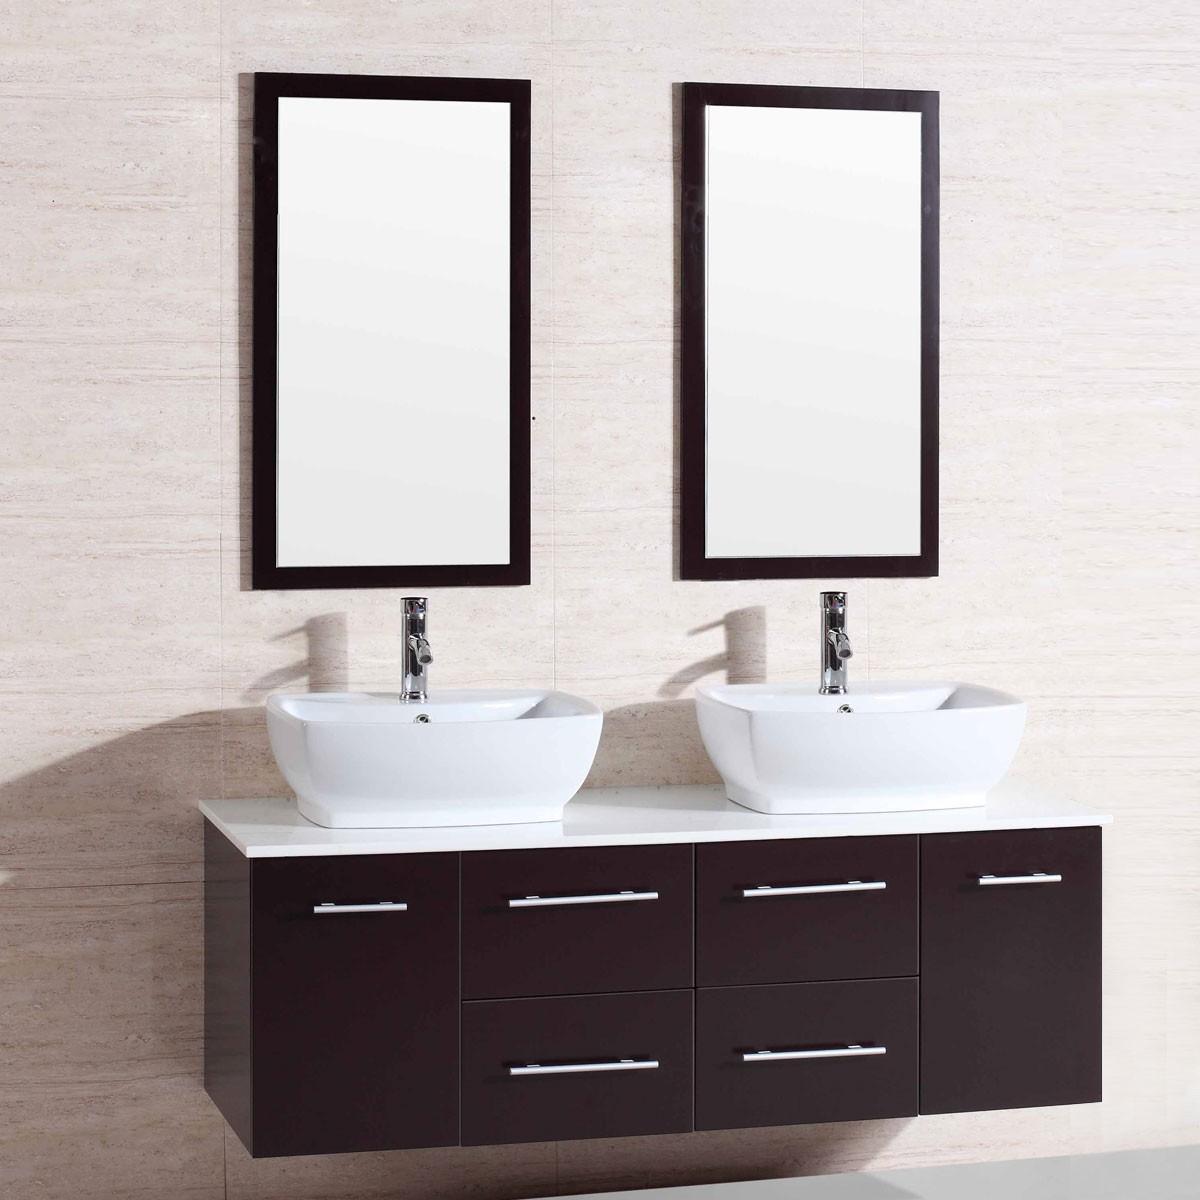 60 In. Wall Mount Bathroom Vanity Set (DK-T9146-SET)